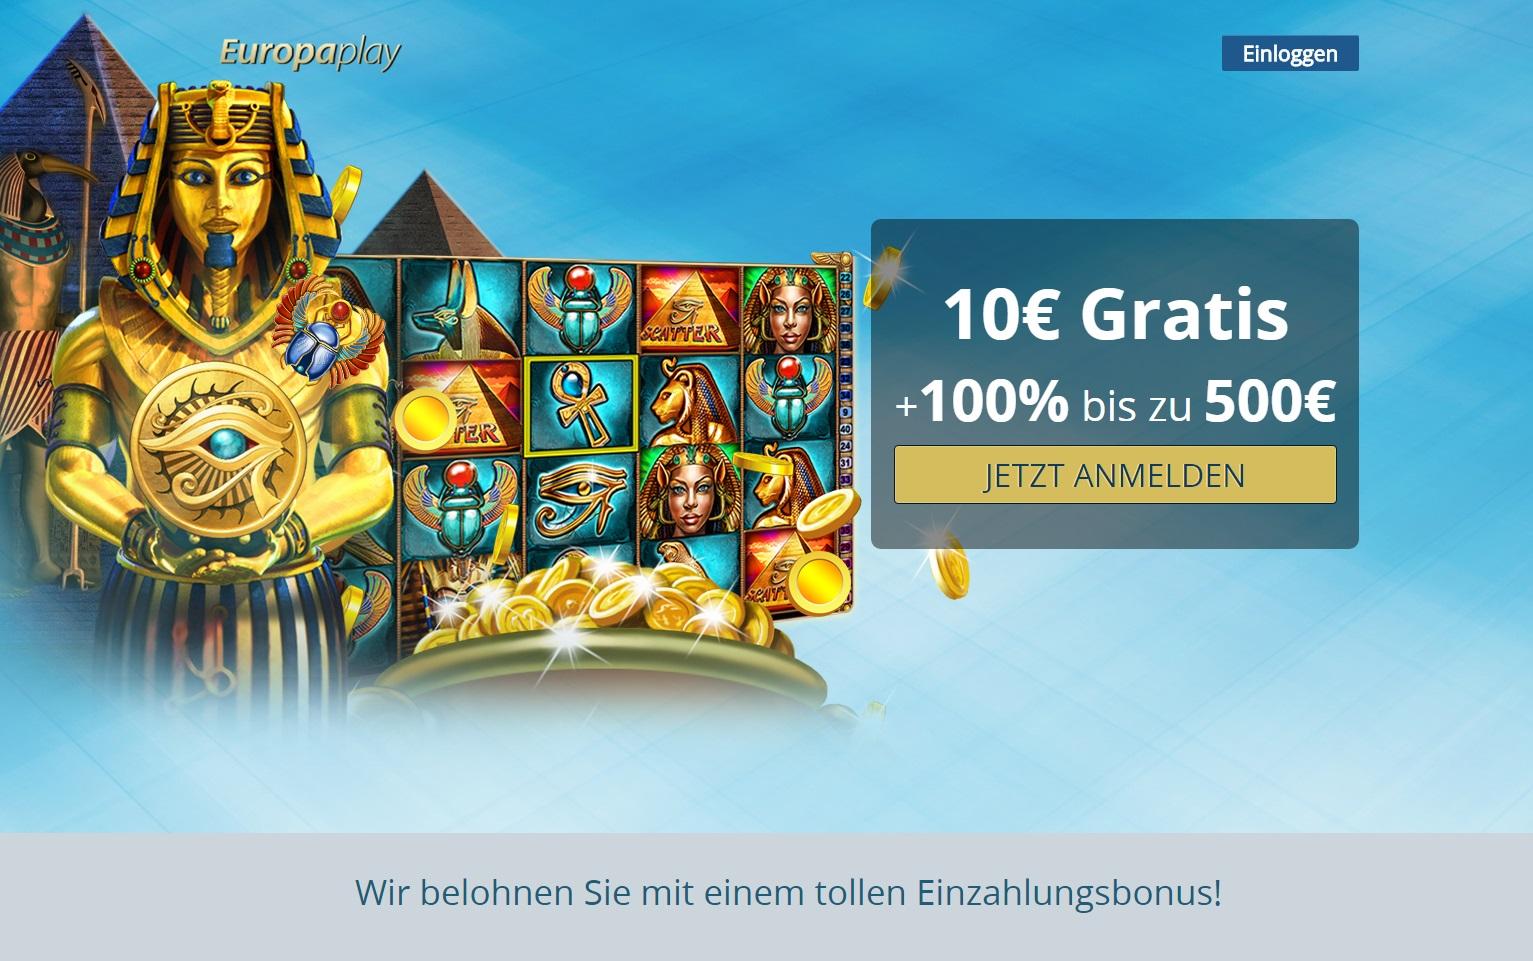 Videospielen Glück 130383